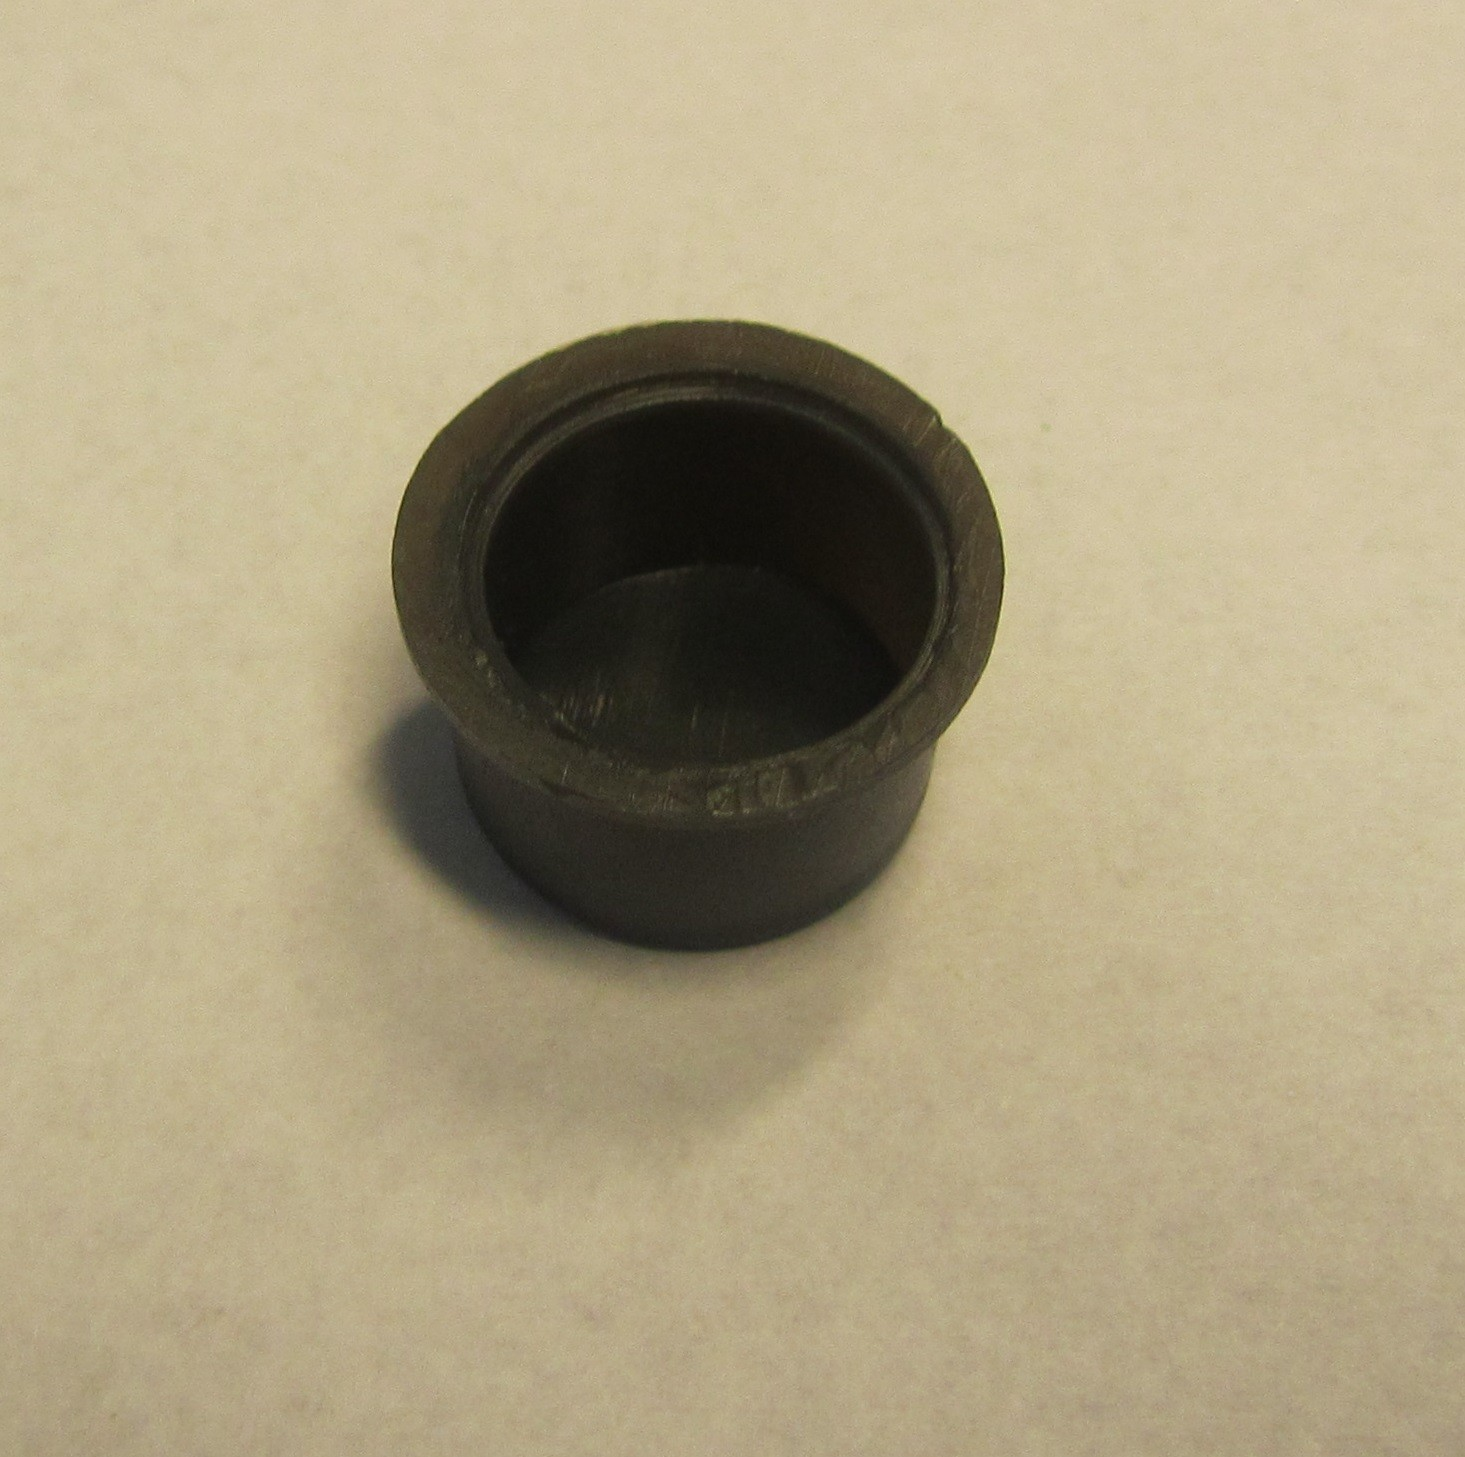 Endeprop til 16 mm. udstrømmerrør.